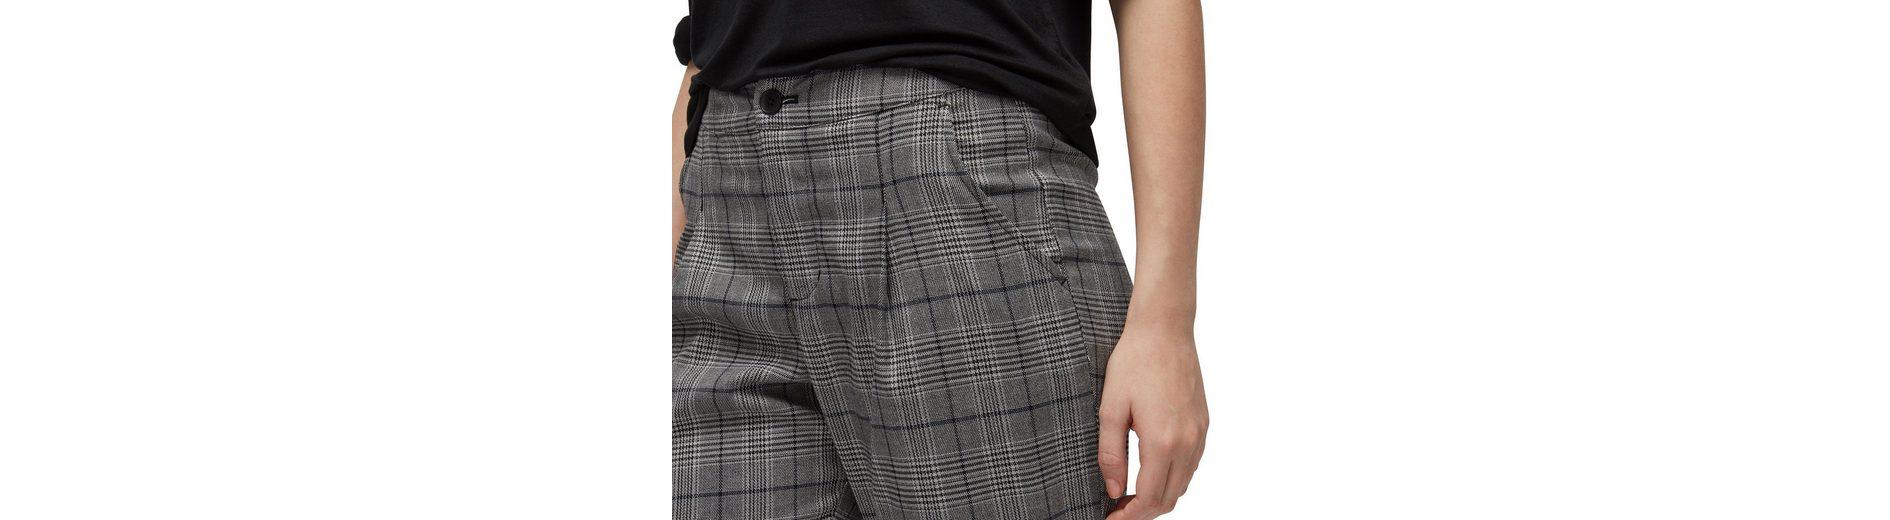 Billig Besuch Neu Günstig Kaufen Neue Stile Tom Tailor Denim Chinohose mit Glencheck-Muster Vermarktbare Online Die Offizielle Website Zum Verkauf YAzWnrs